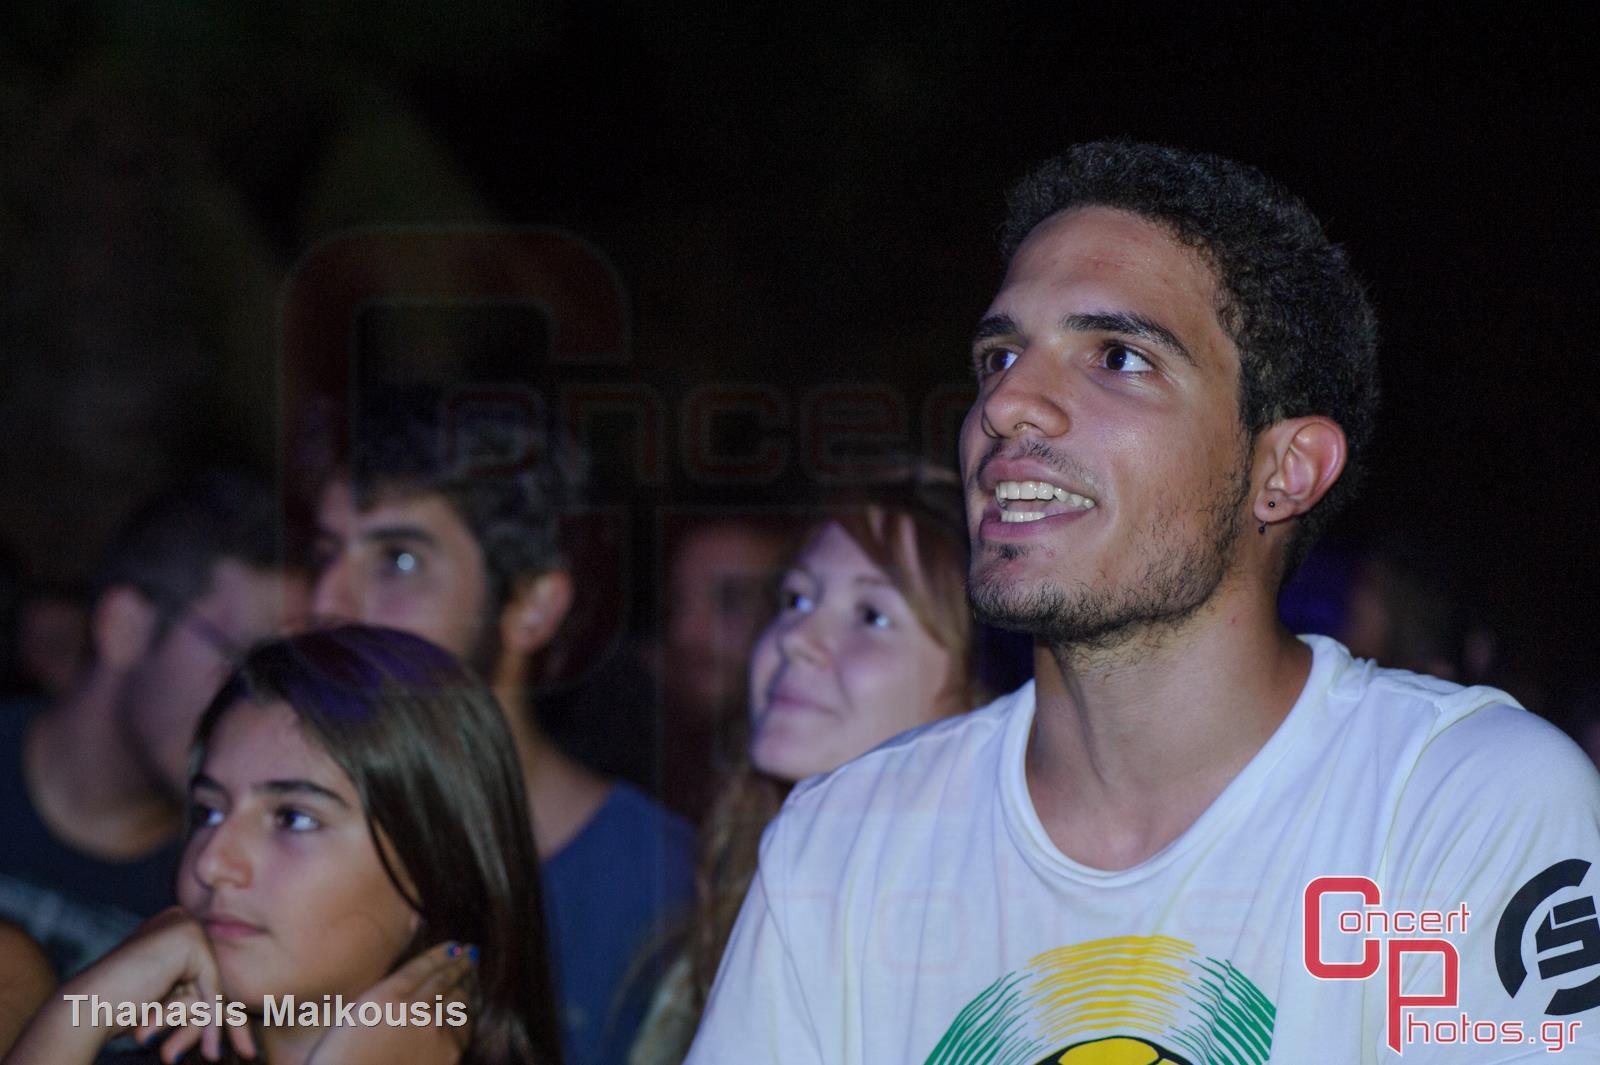 Locomondo-Locomondo 2013 Bolivar photographer: Thanasis Maikousis - concertphotos_-6702